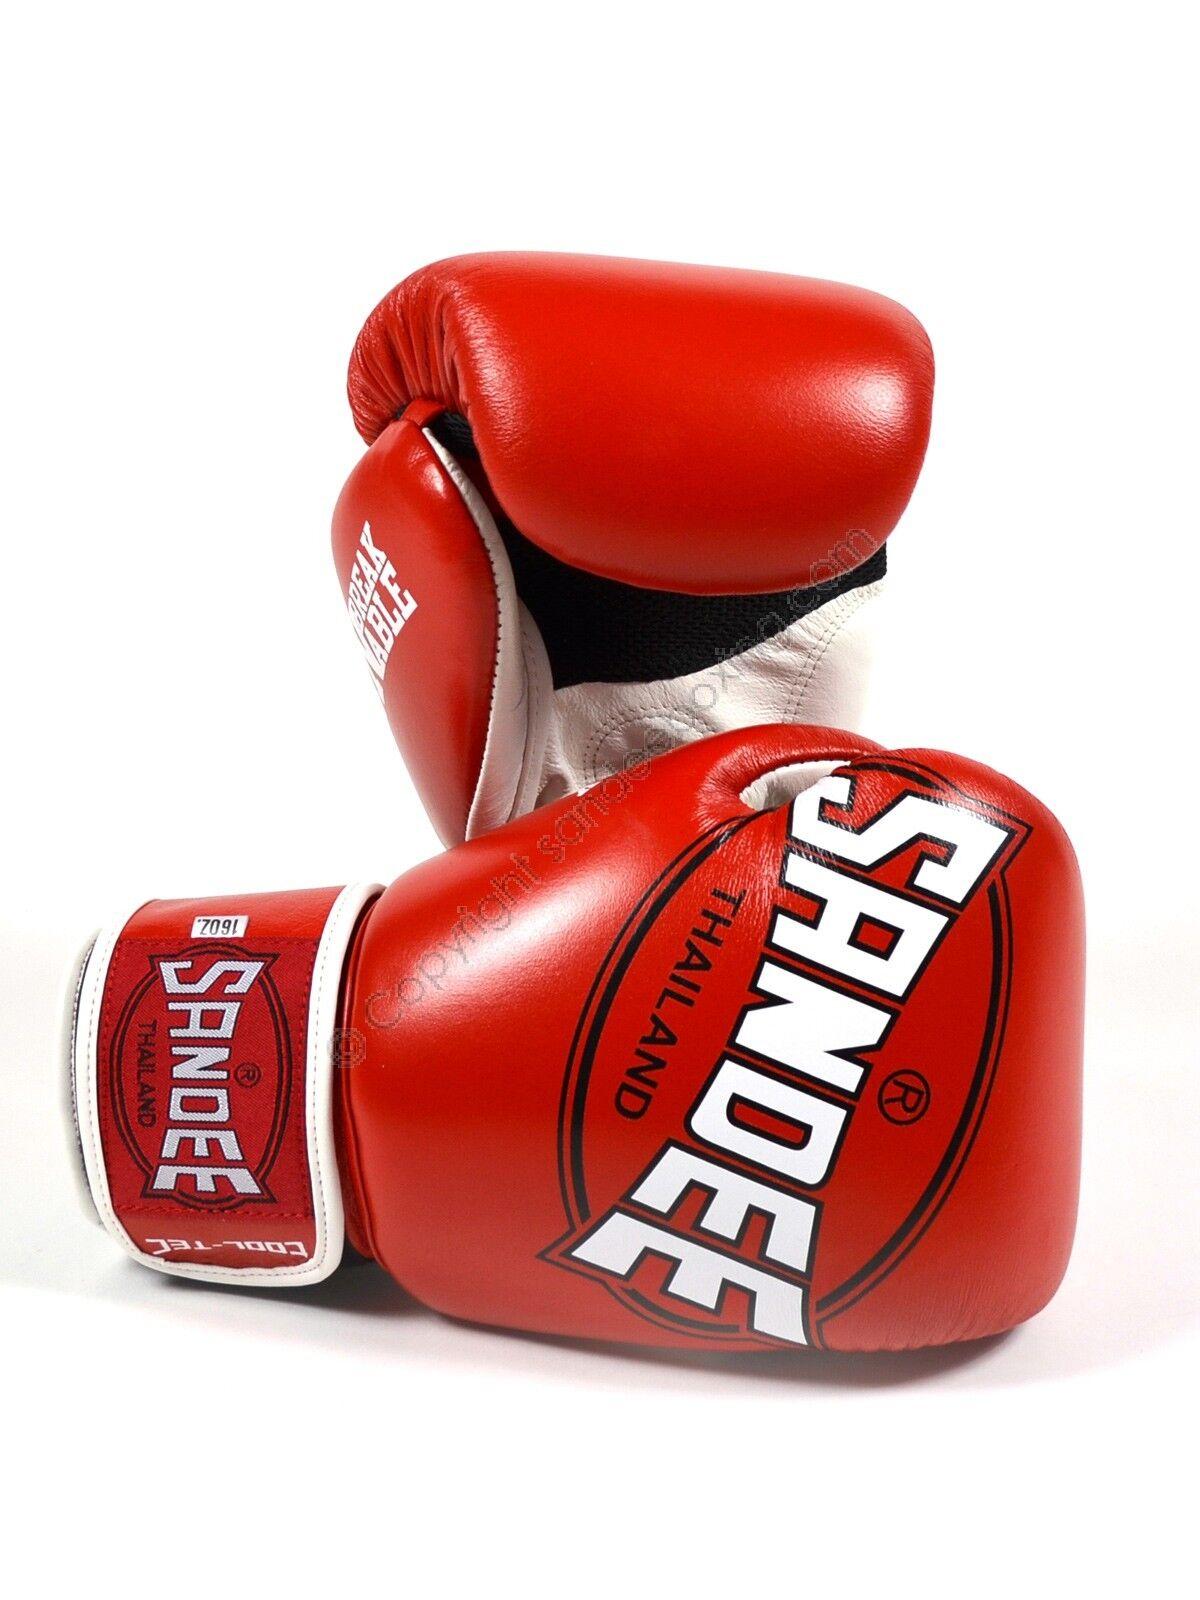 Sandee Cool-Tec ROT Leder Boxing Gloves Kids Kids Kids Boxing Gloves 5f6dbe